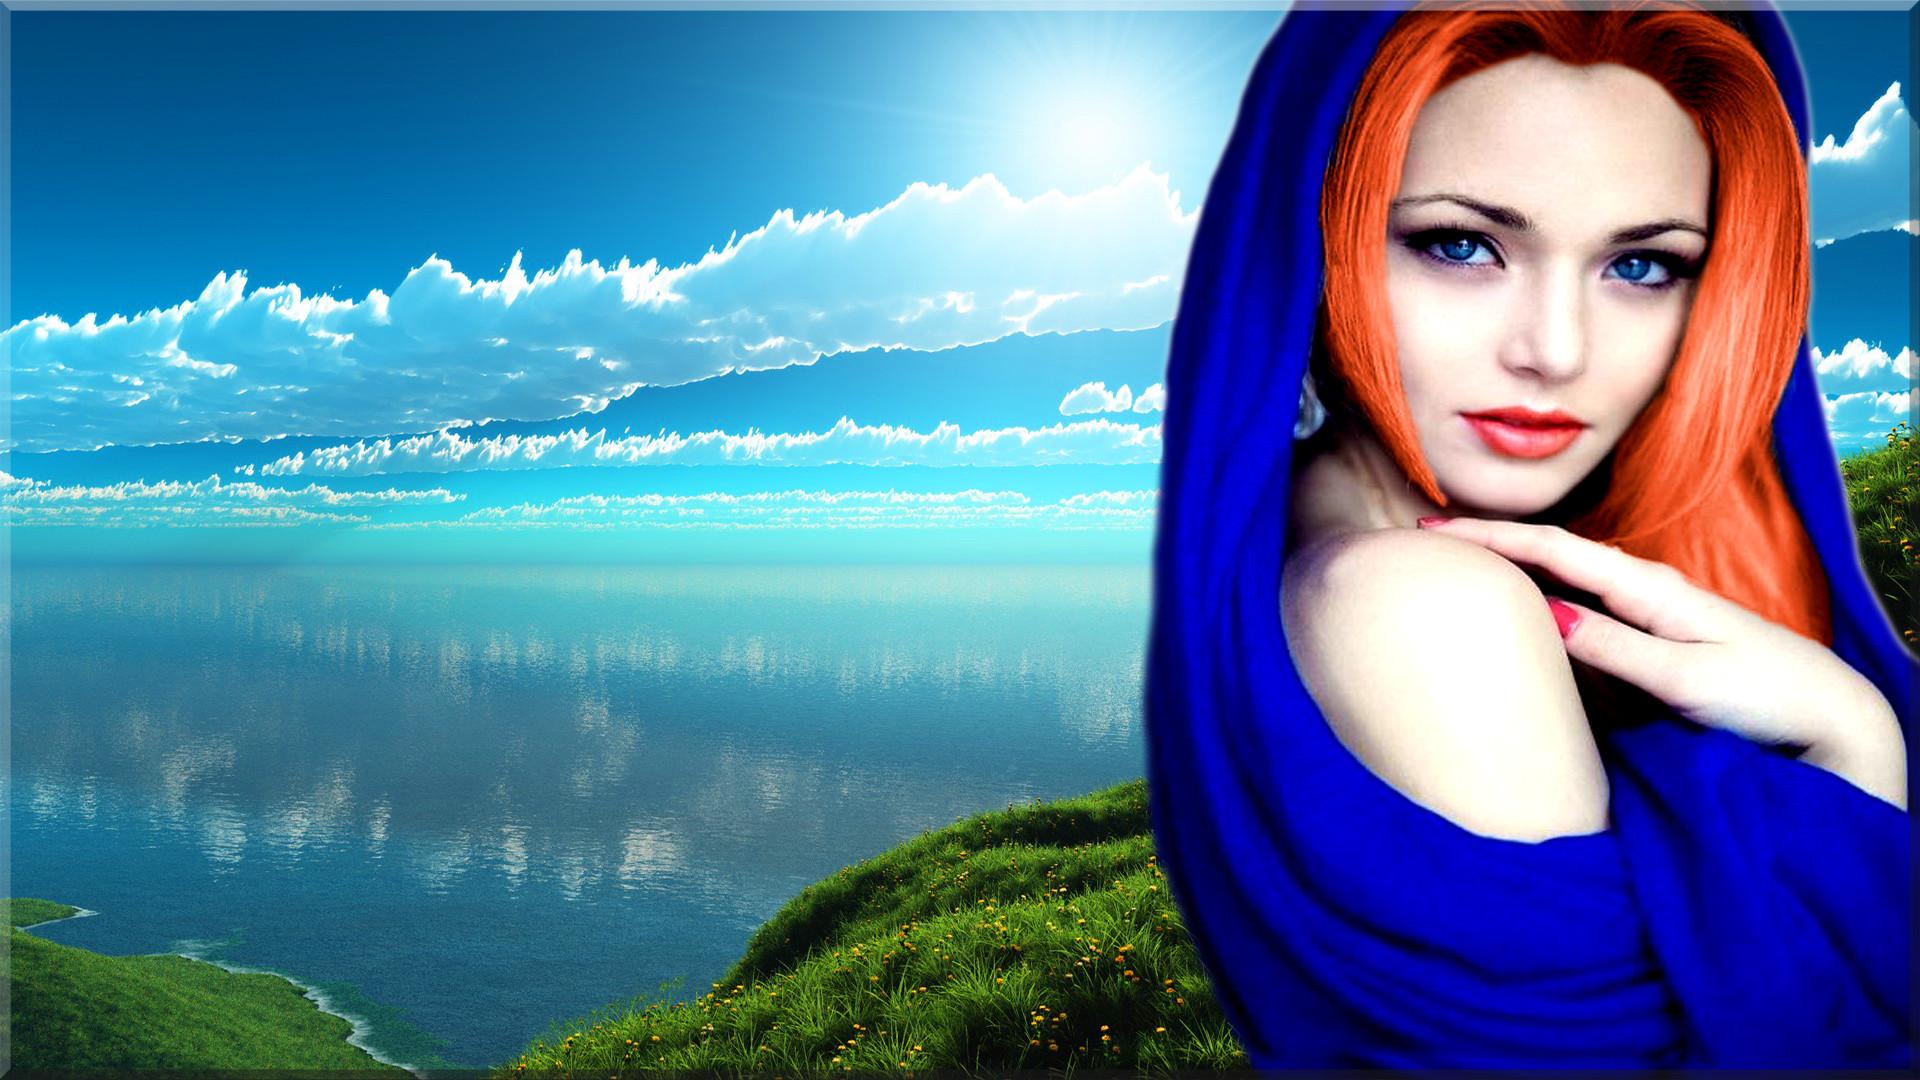 Women – Model Redhead Woman Wallpaper